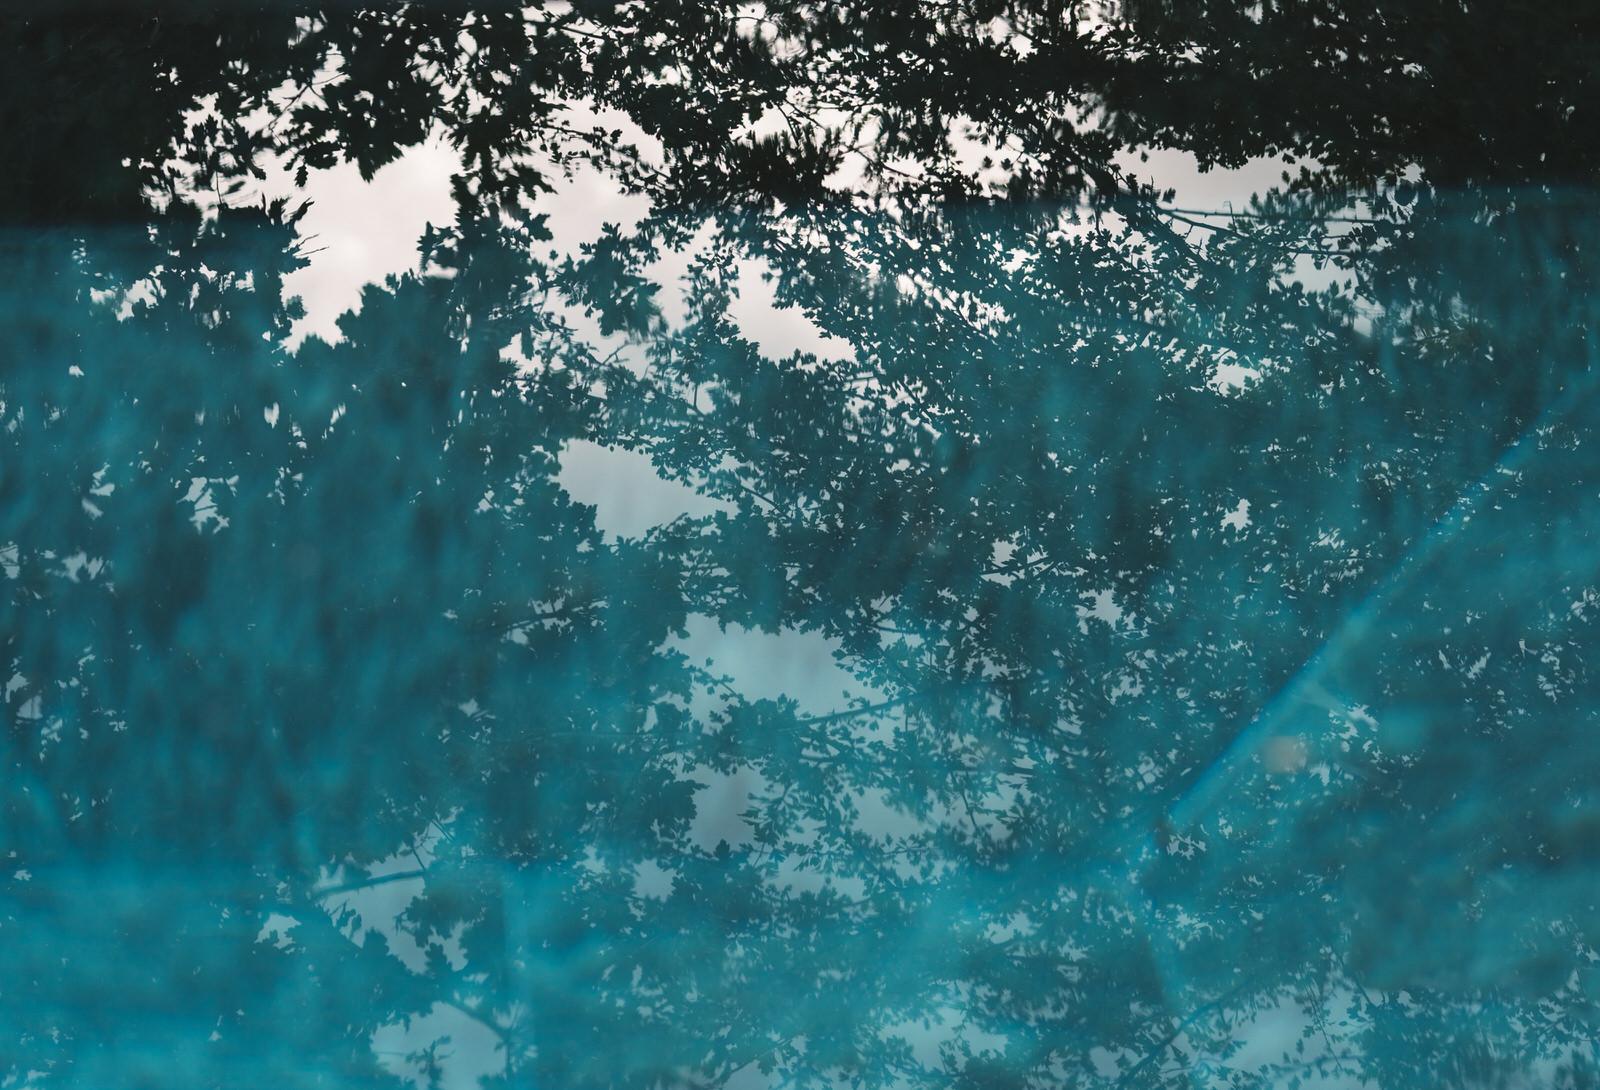 Tara-Sam-ANRAN-Devon-(Flashbulb)0083.jpg